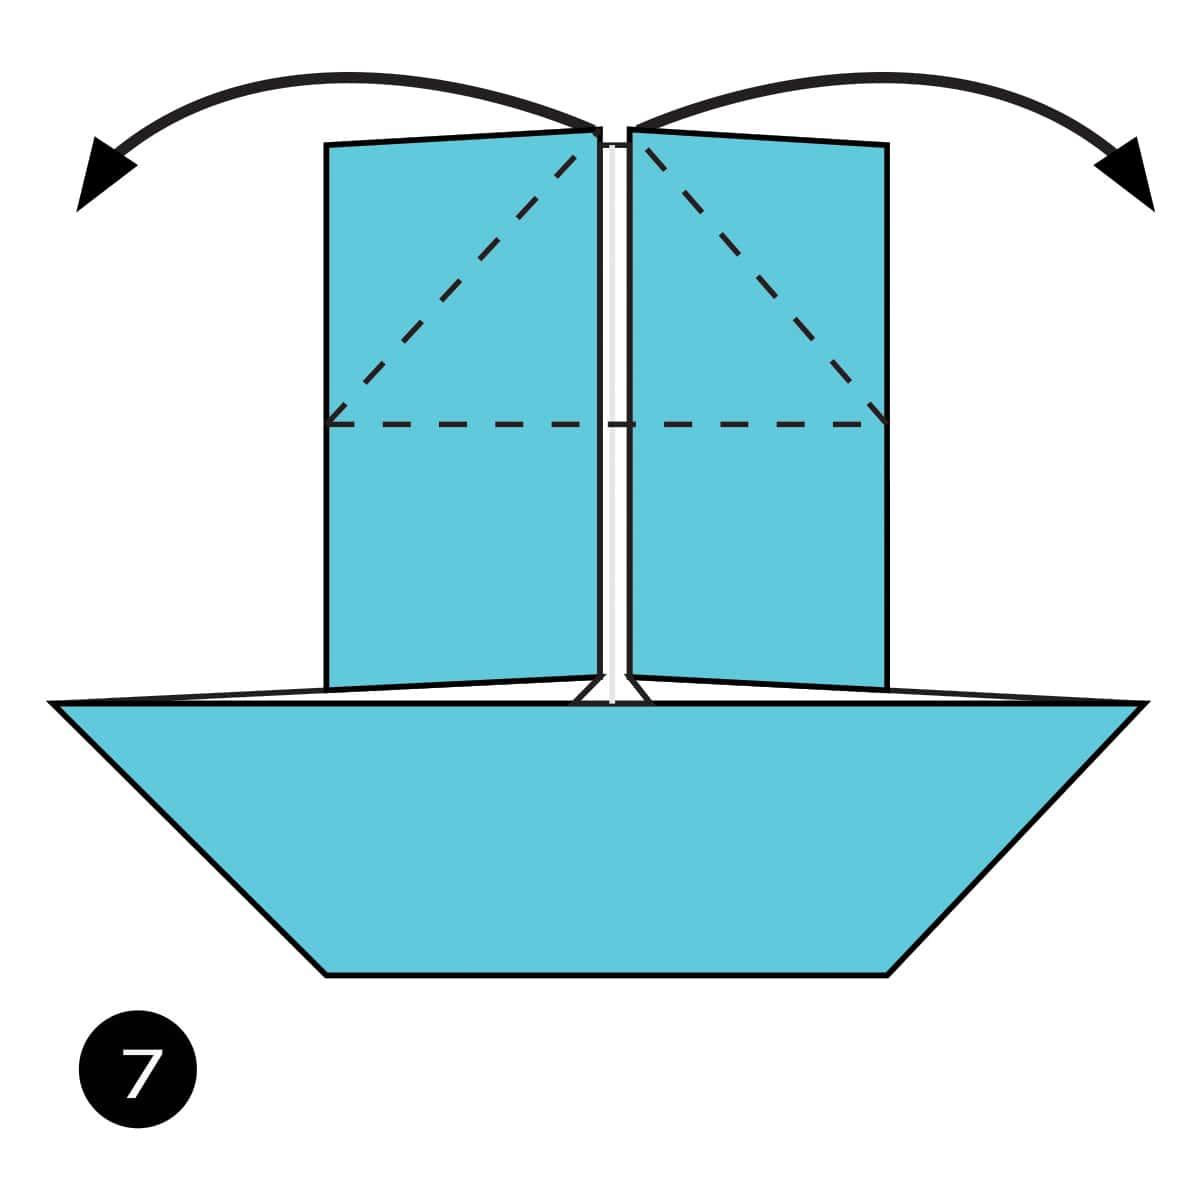 Pinwheel Step 7